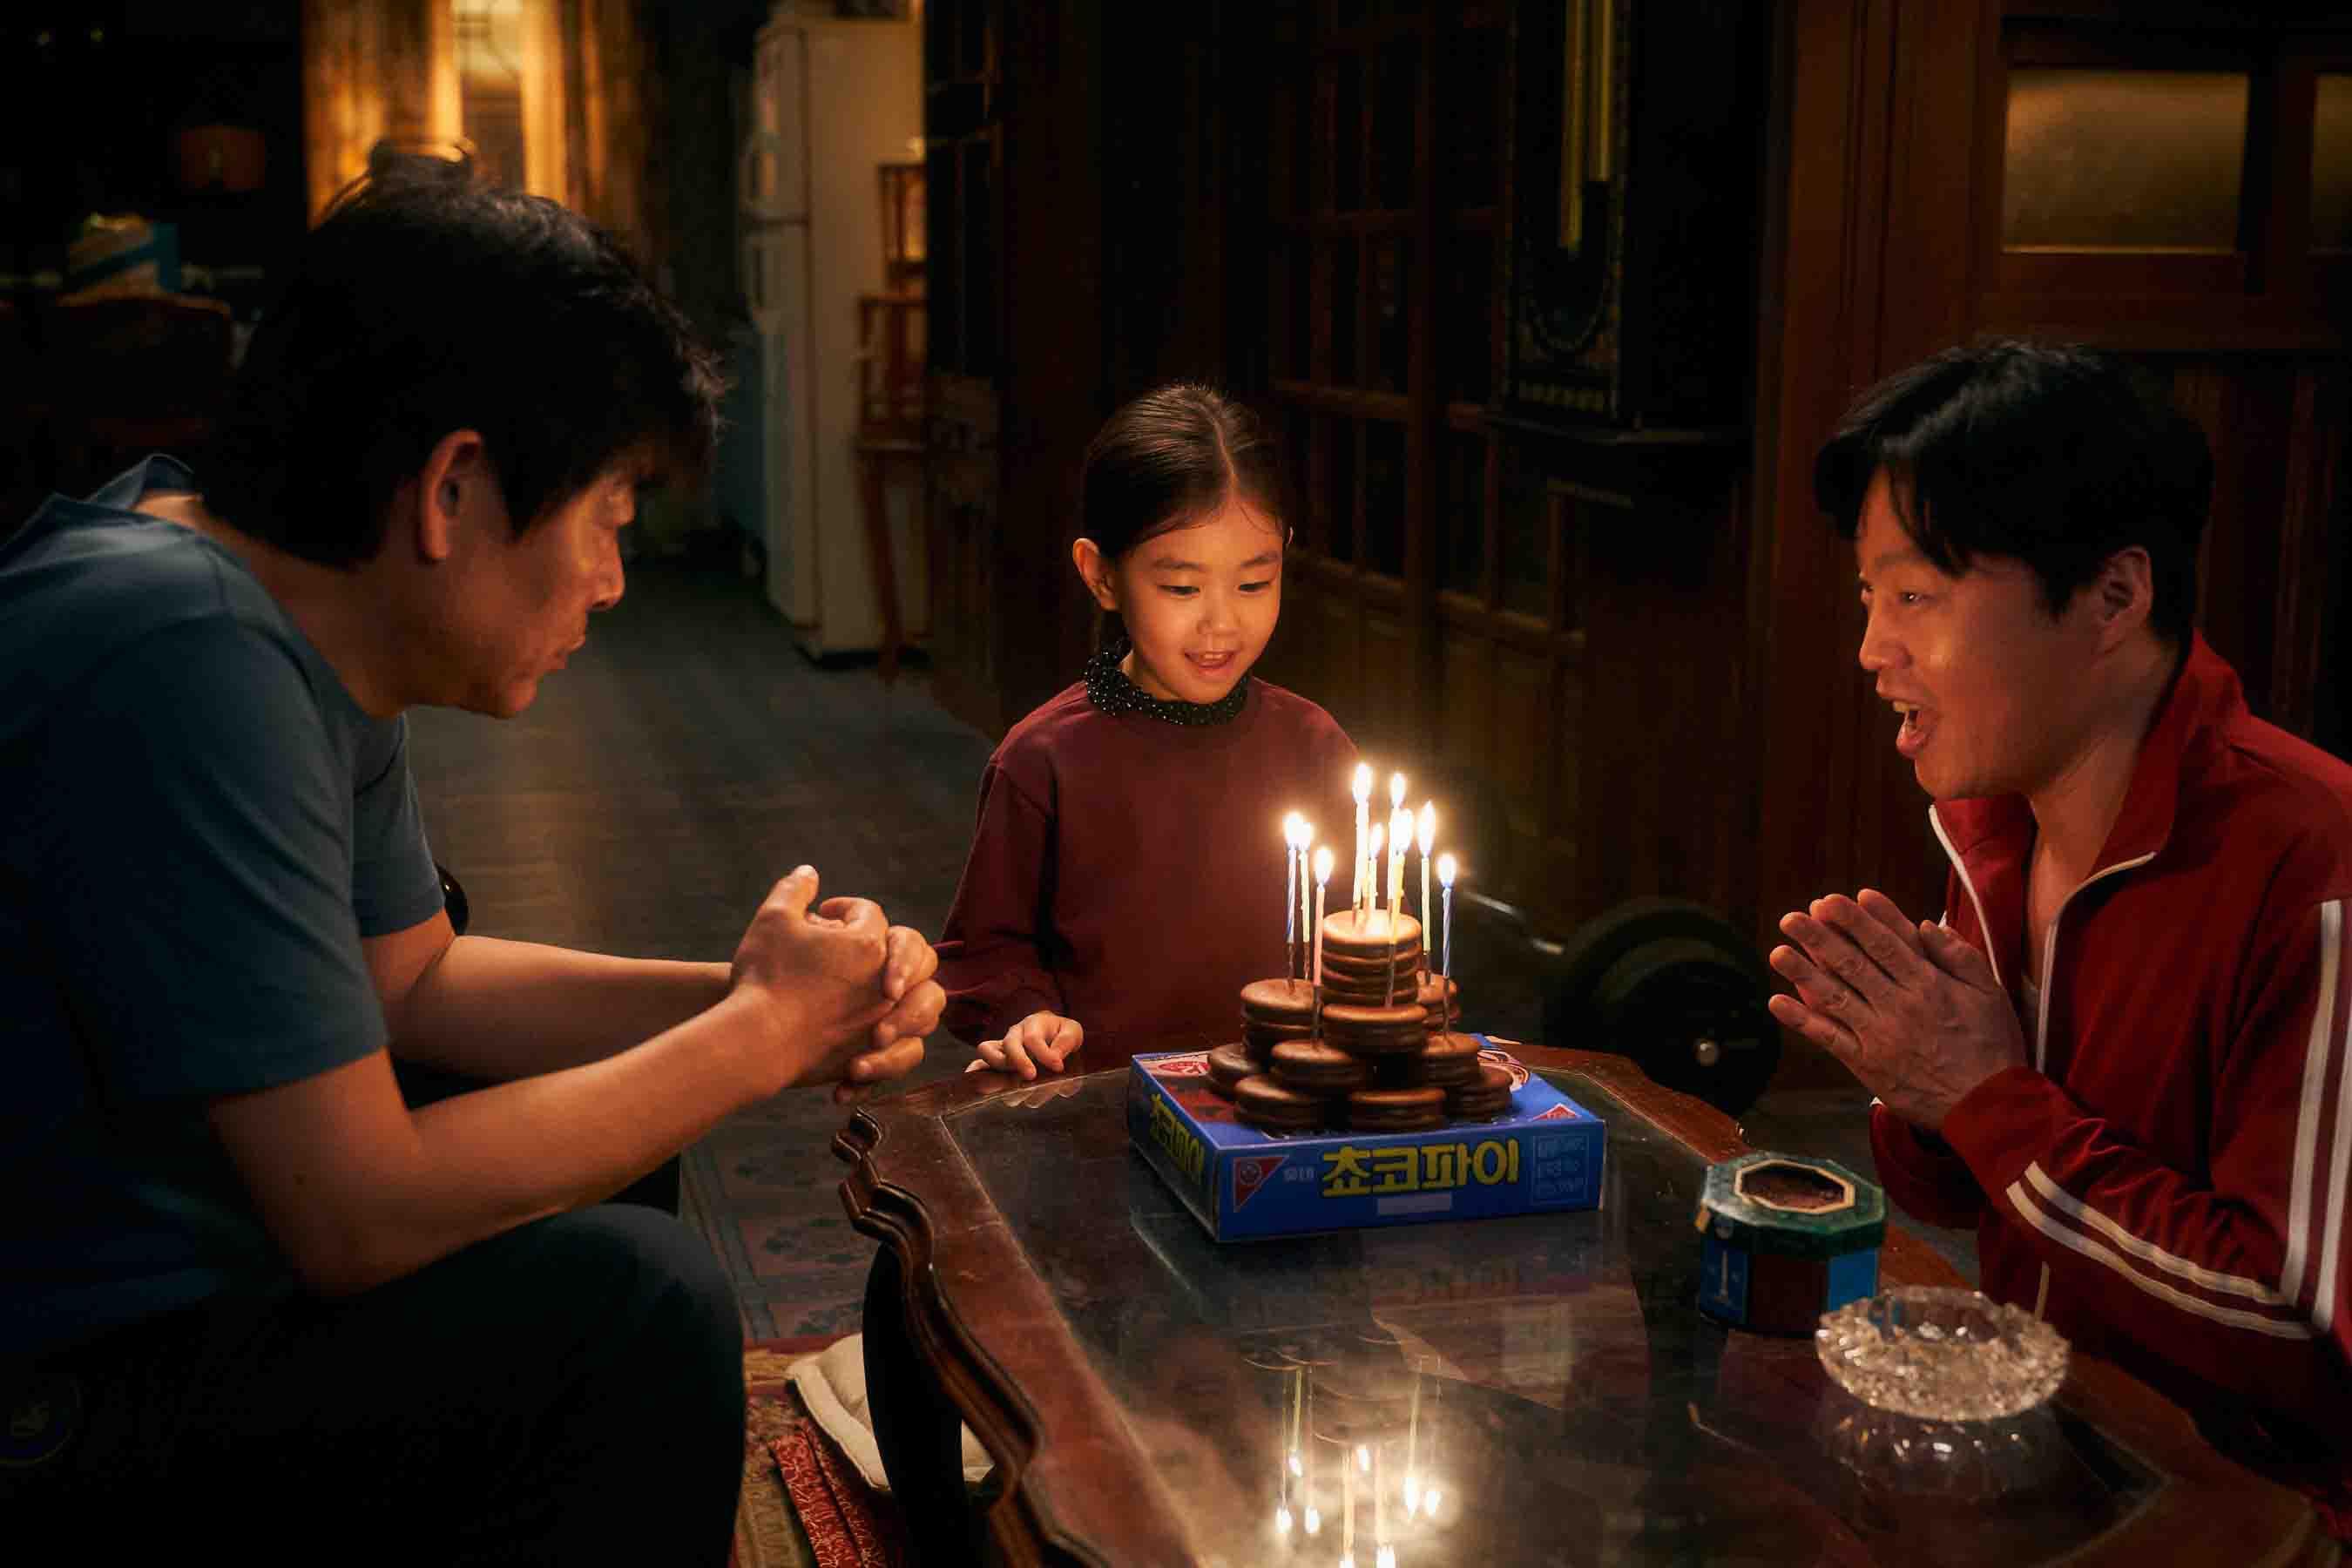 cục nợ hóa cục cưng mừng sinh nhật